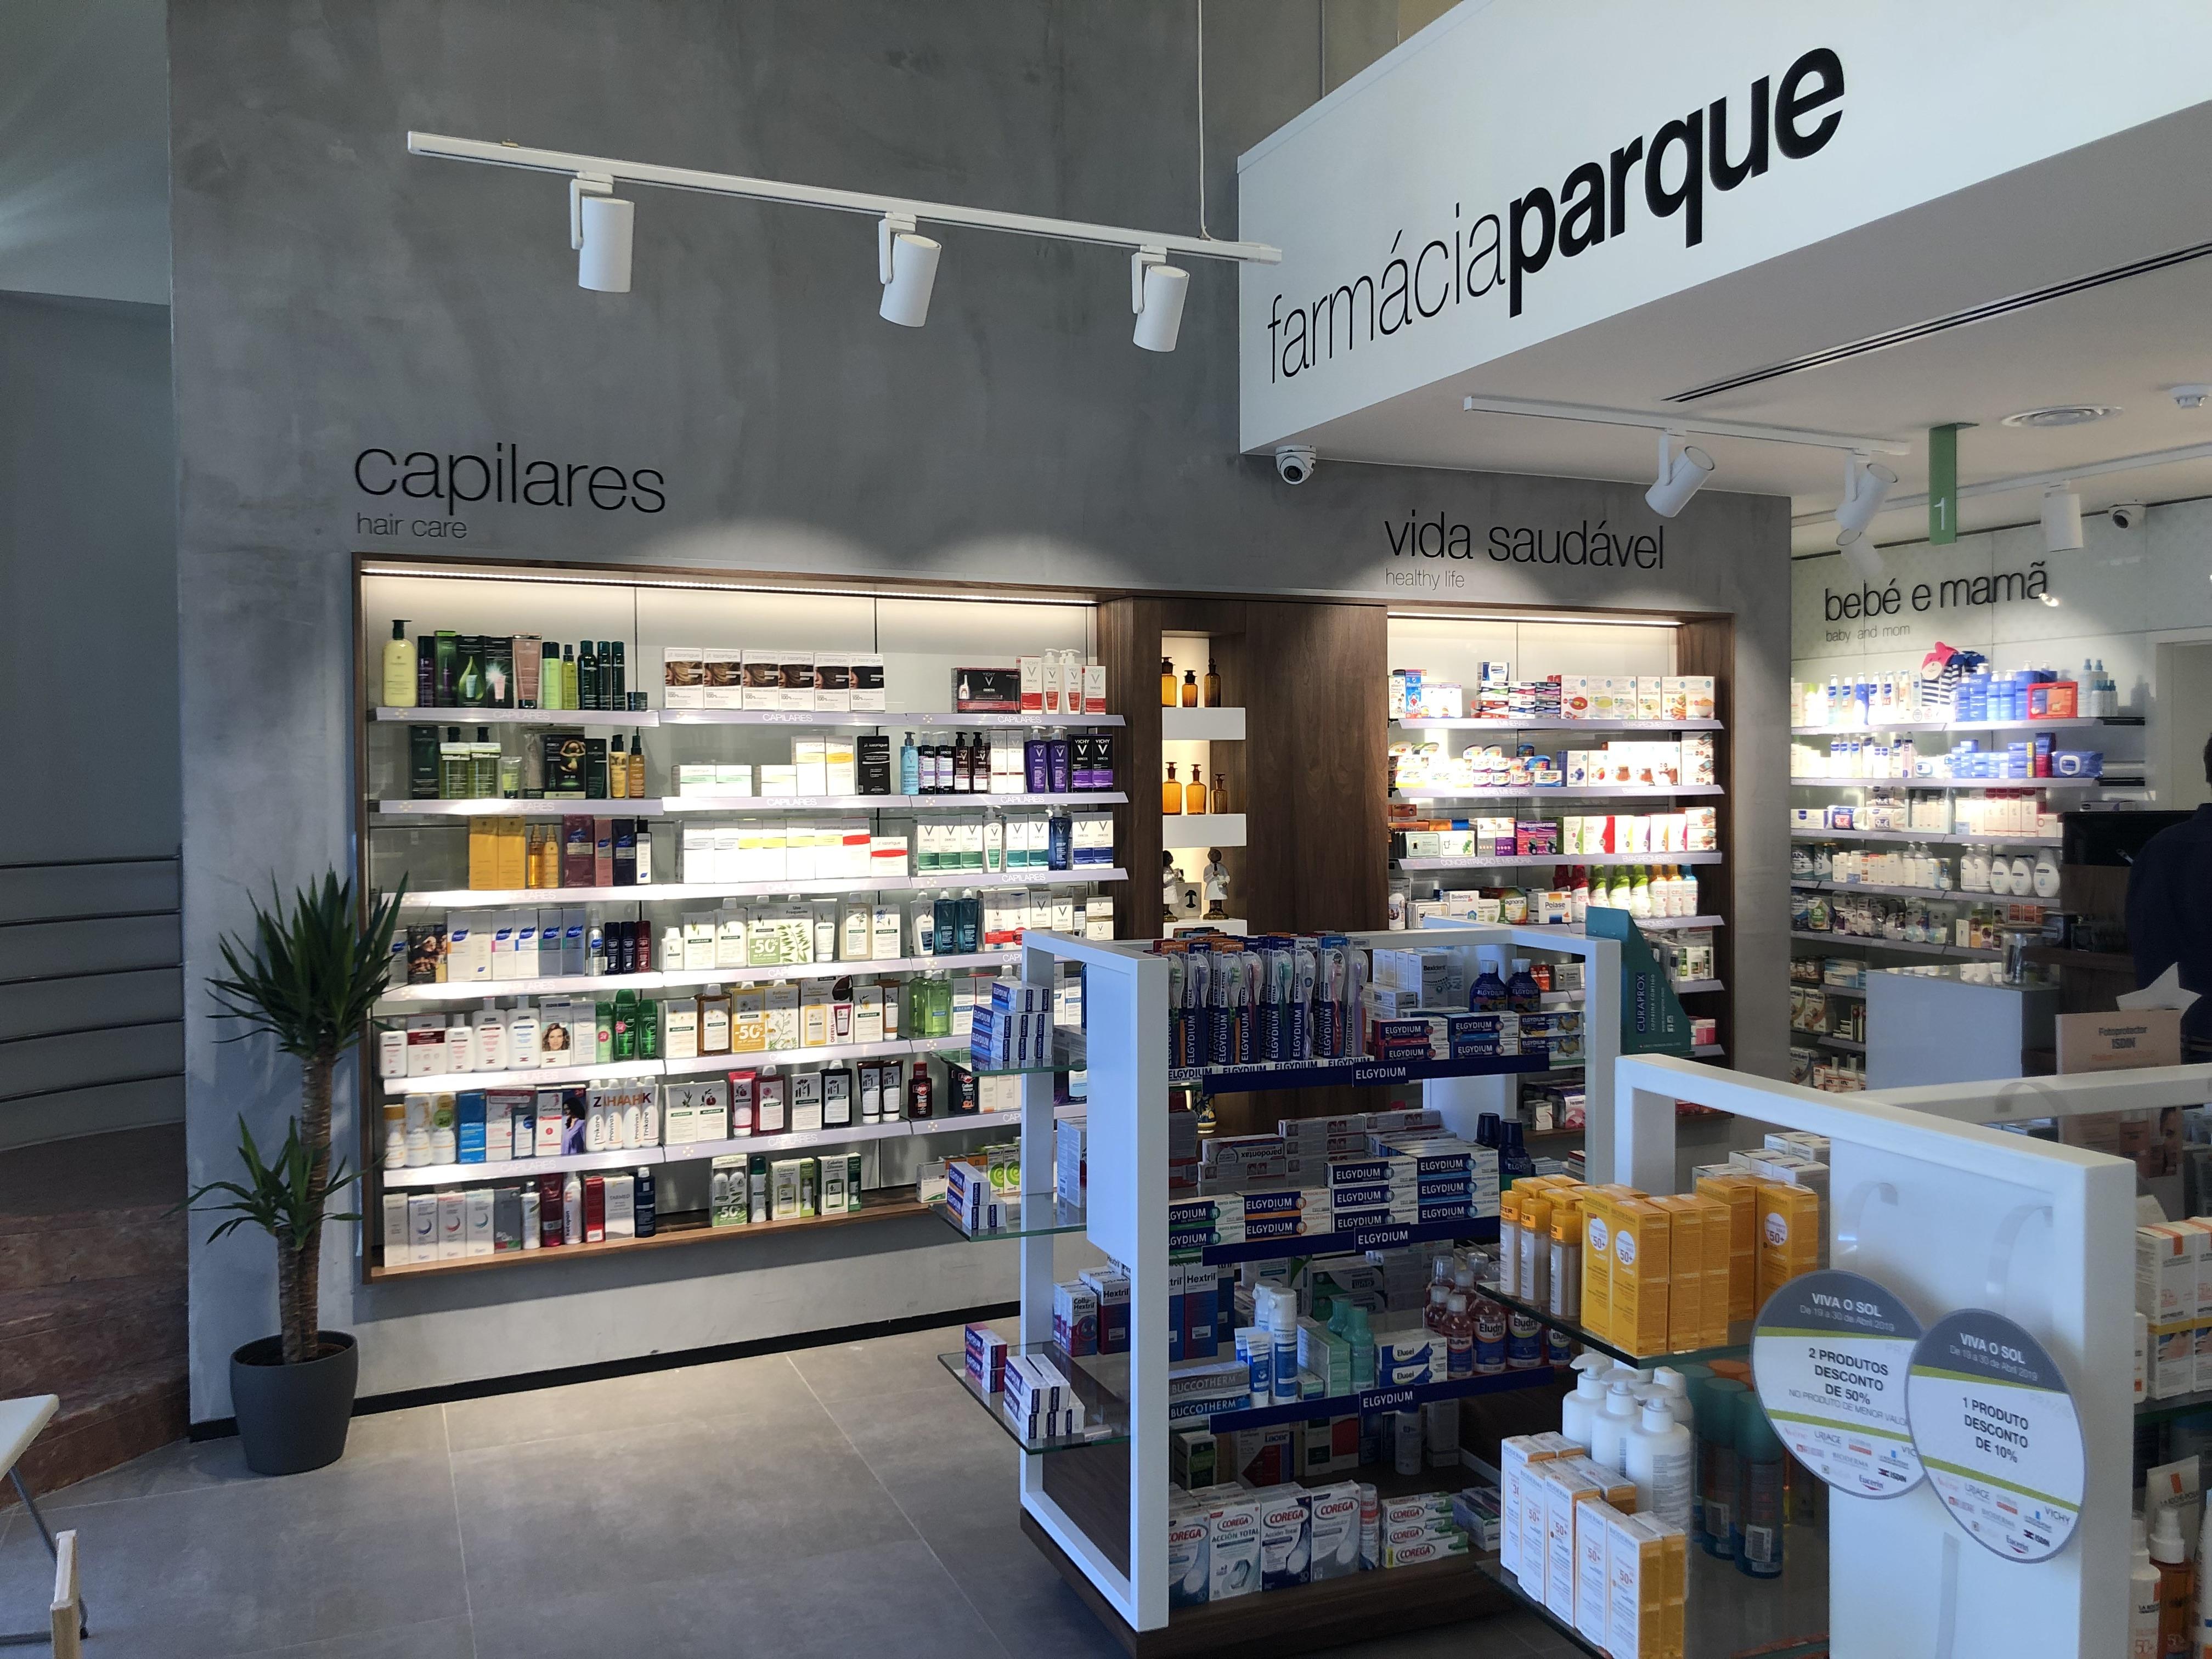 FarmáciasGrupoPraxis-FarmáciaParque3